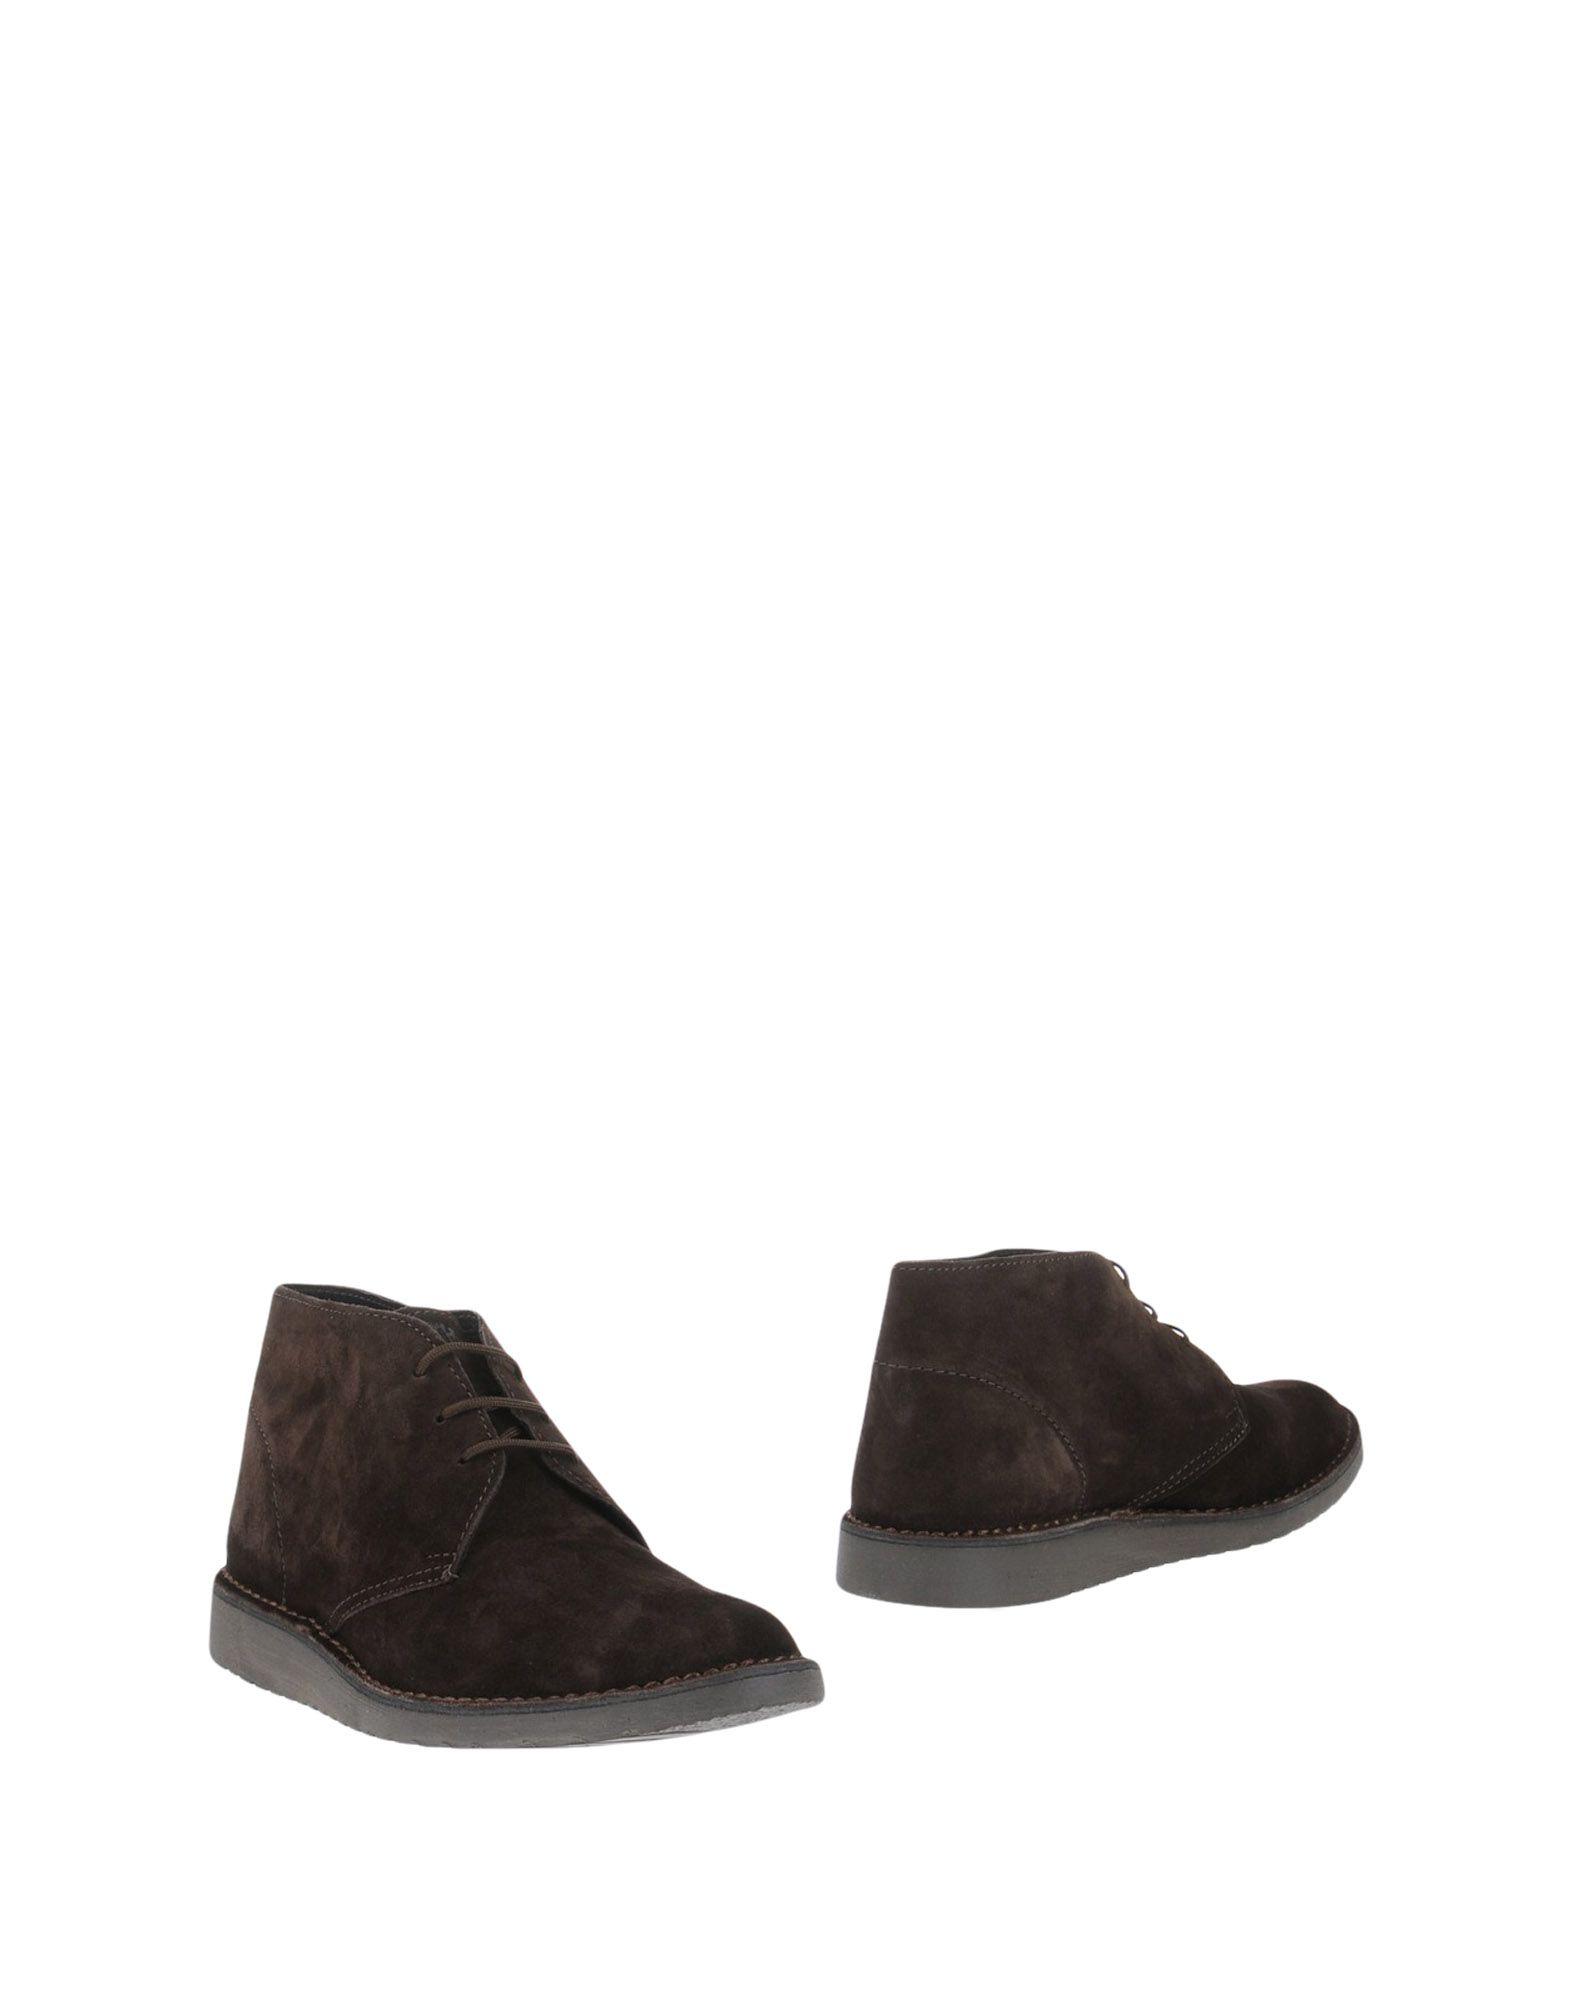 Bottine Brawn's Homme - Bottines Brawn's  Moka Les chaussures les plus populaires pour les hommes et les femmes